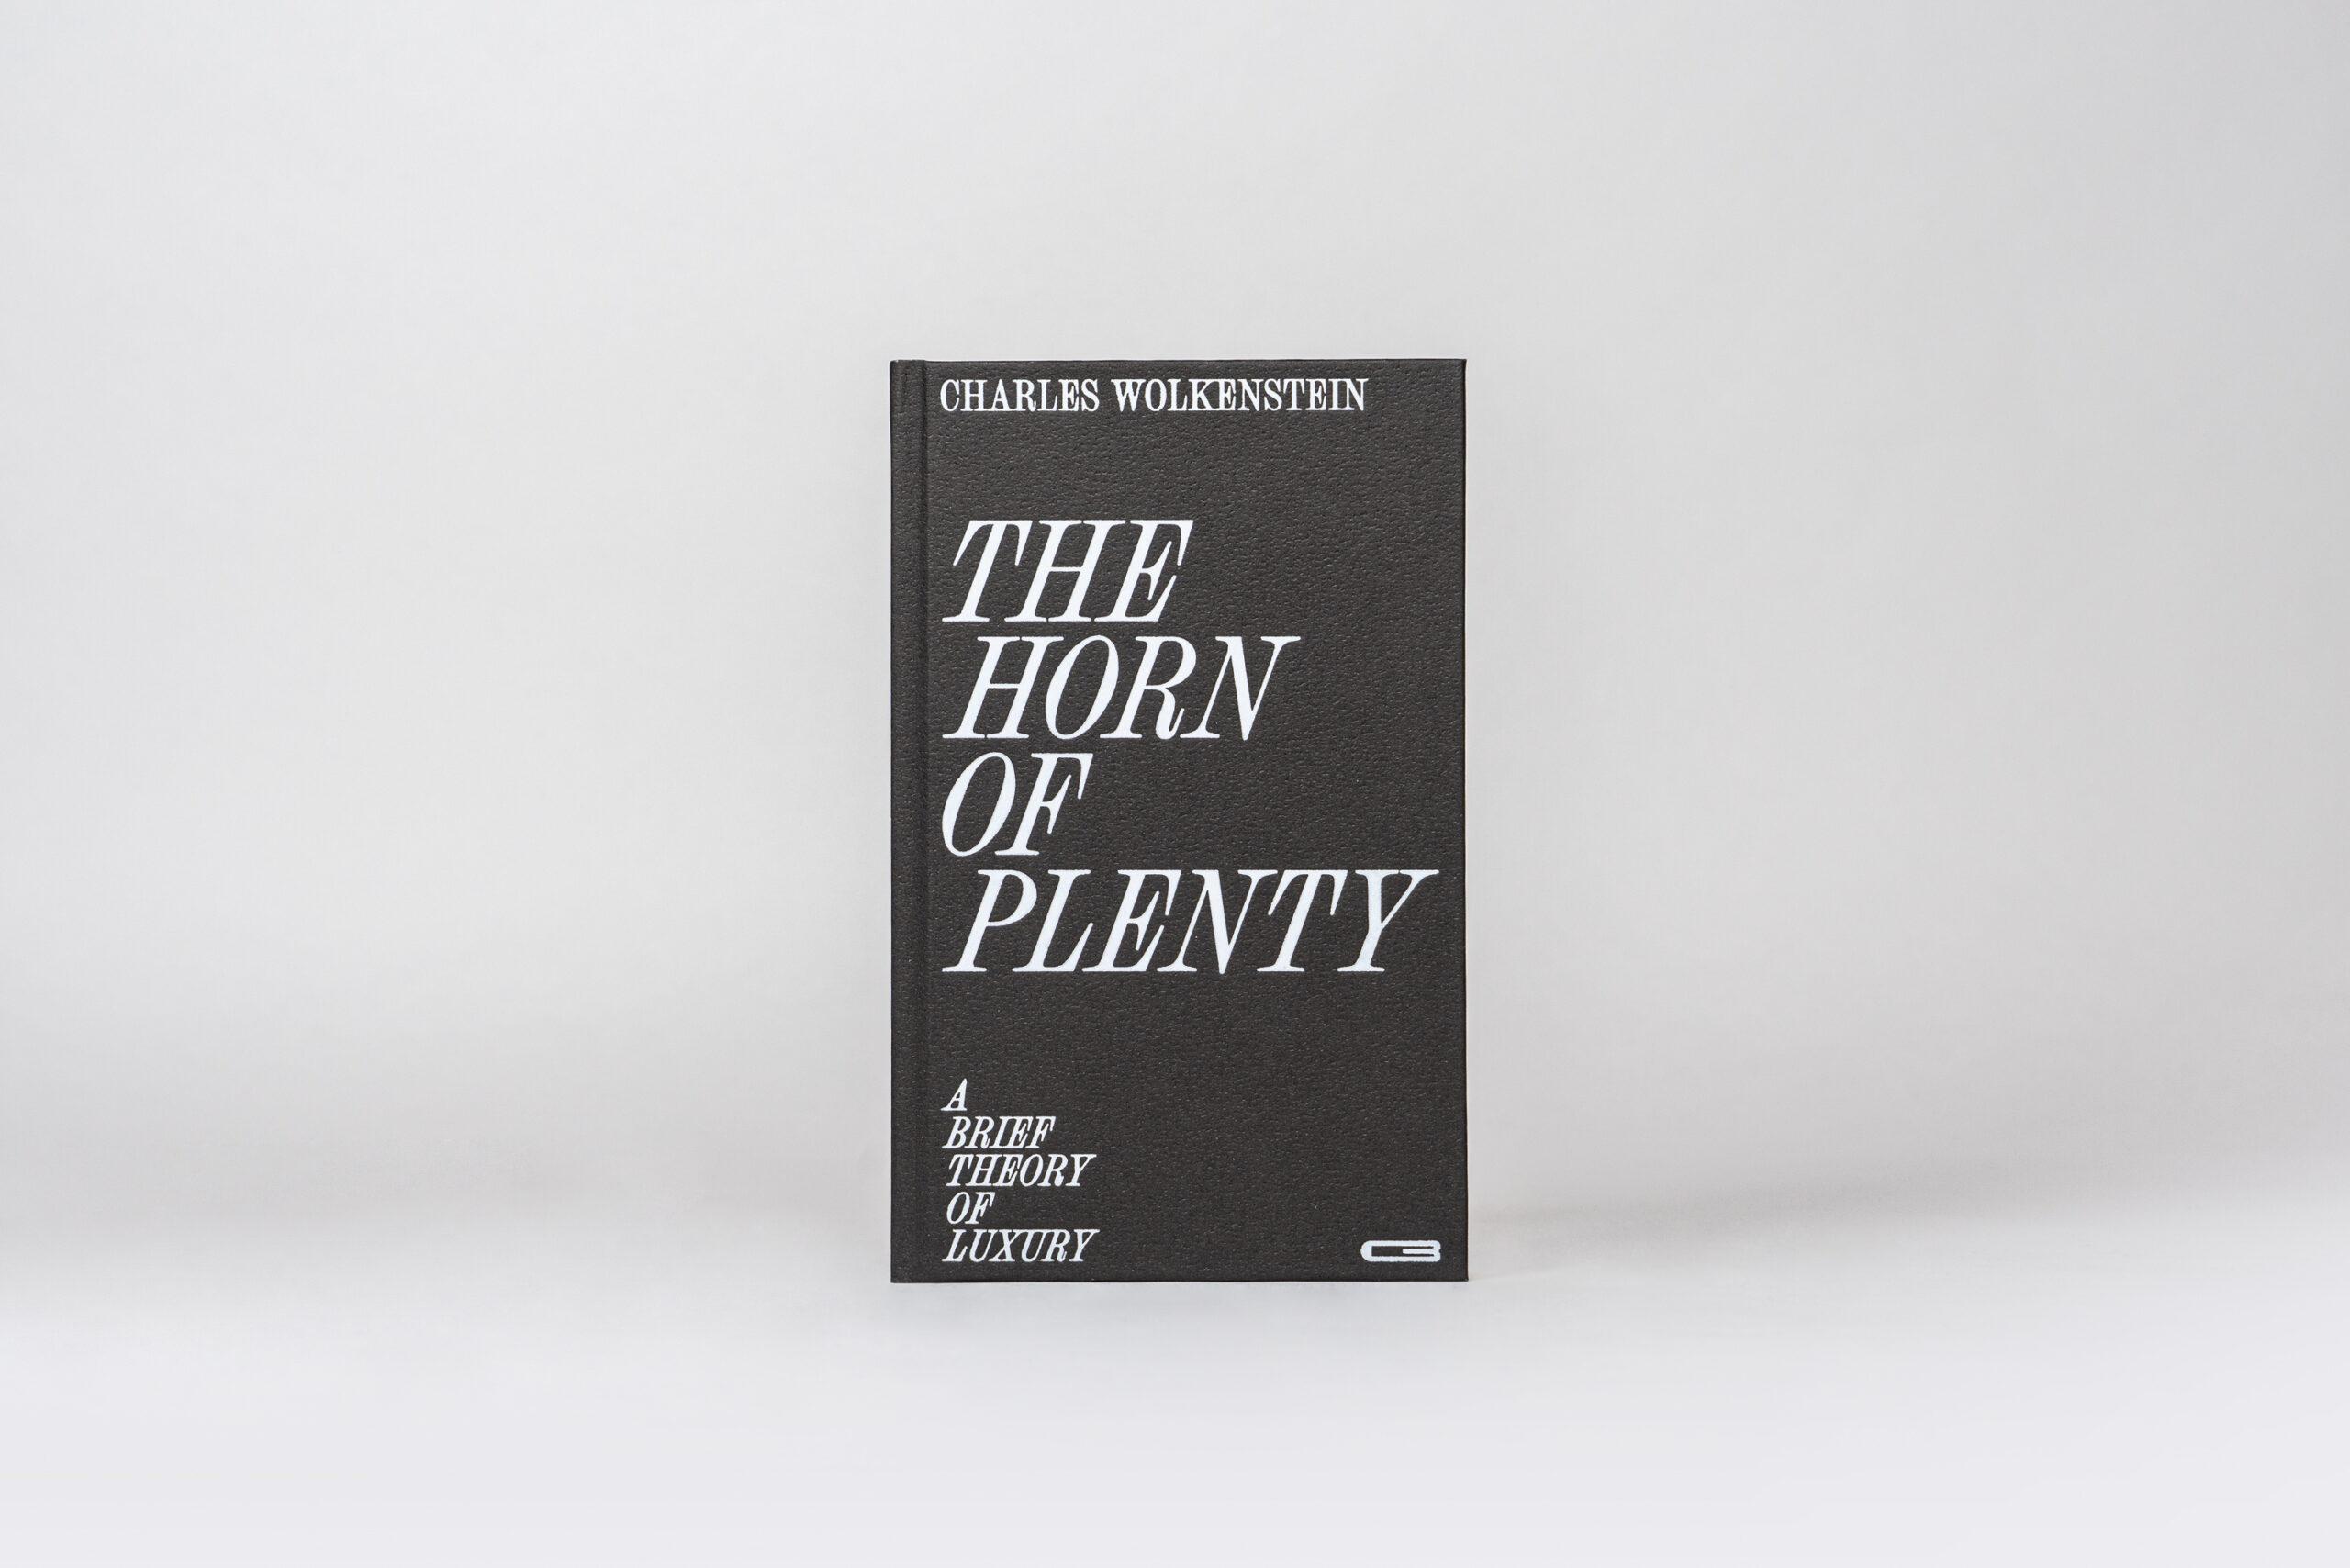 The Horn of Plenty